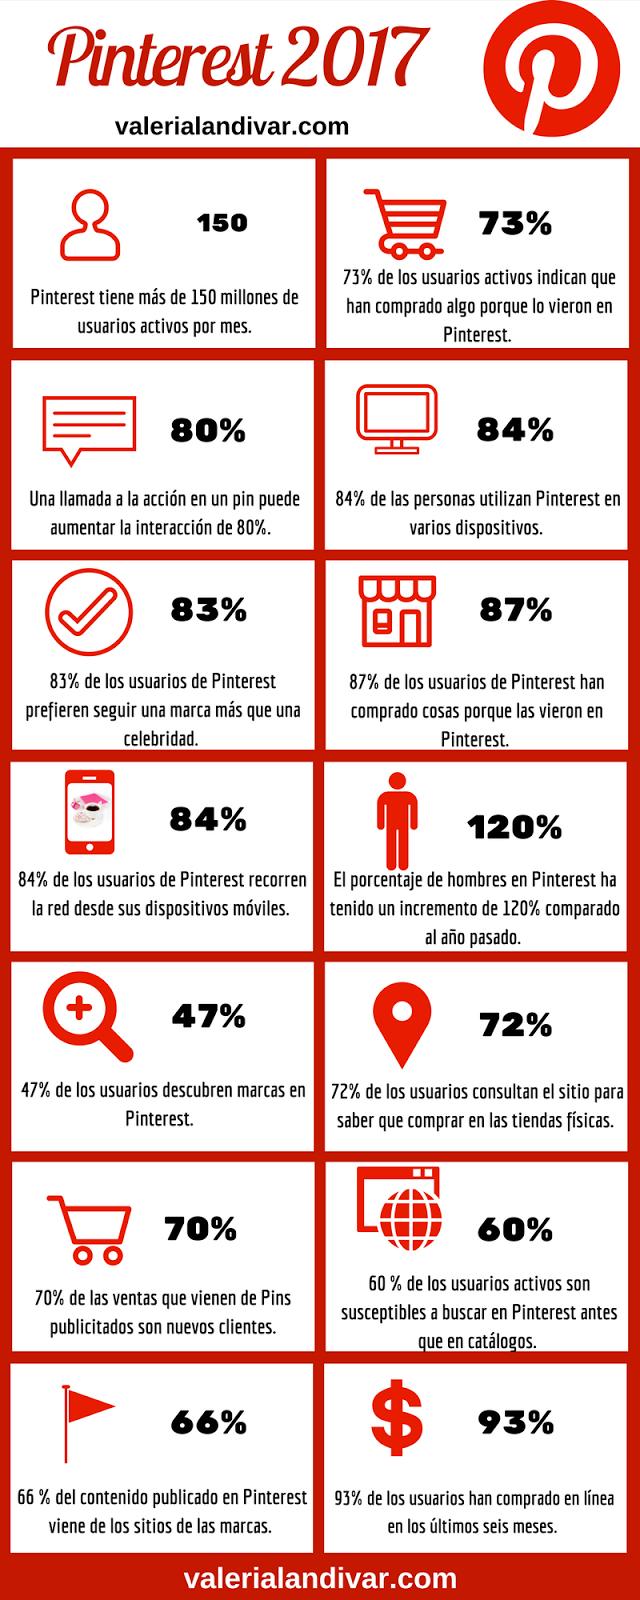 Estadísticas interesantes sobre Pinterest que deberías conocer en 2017